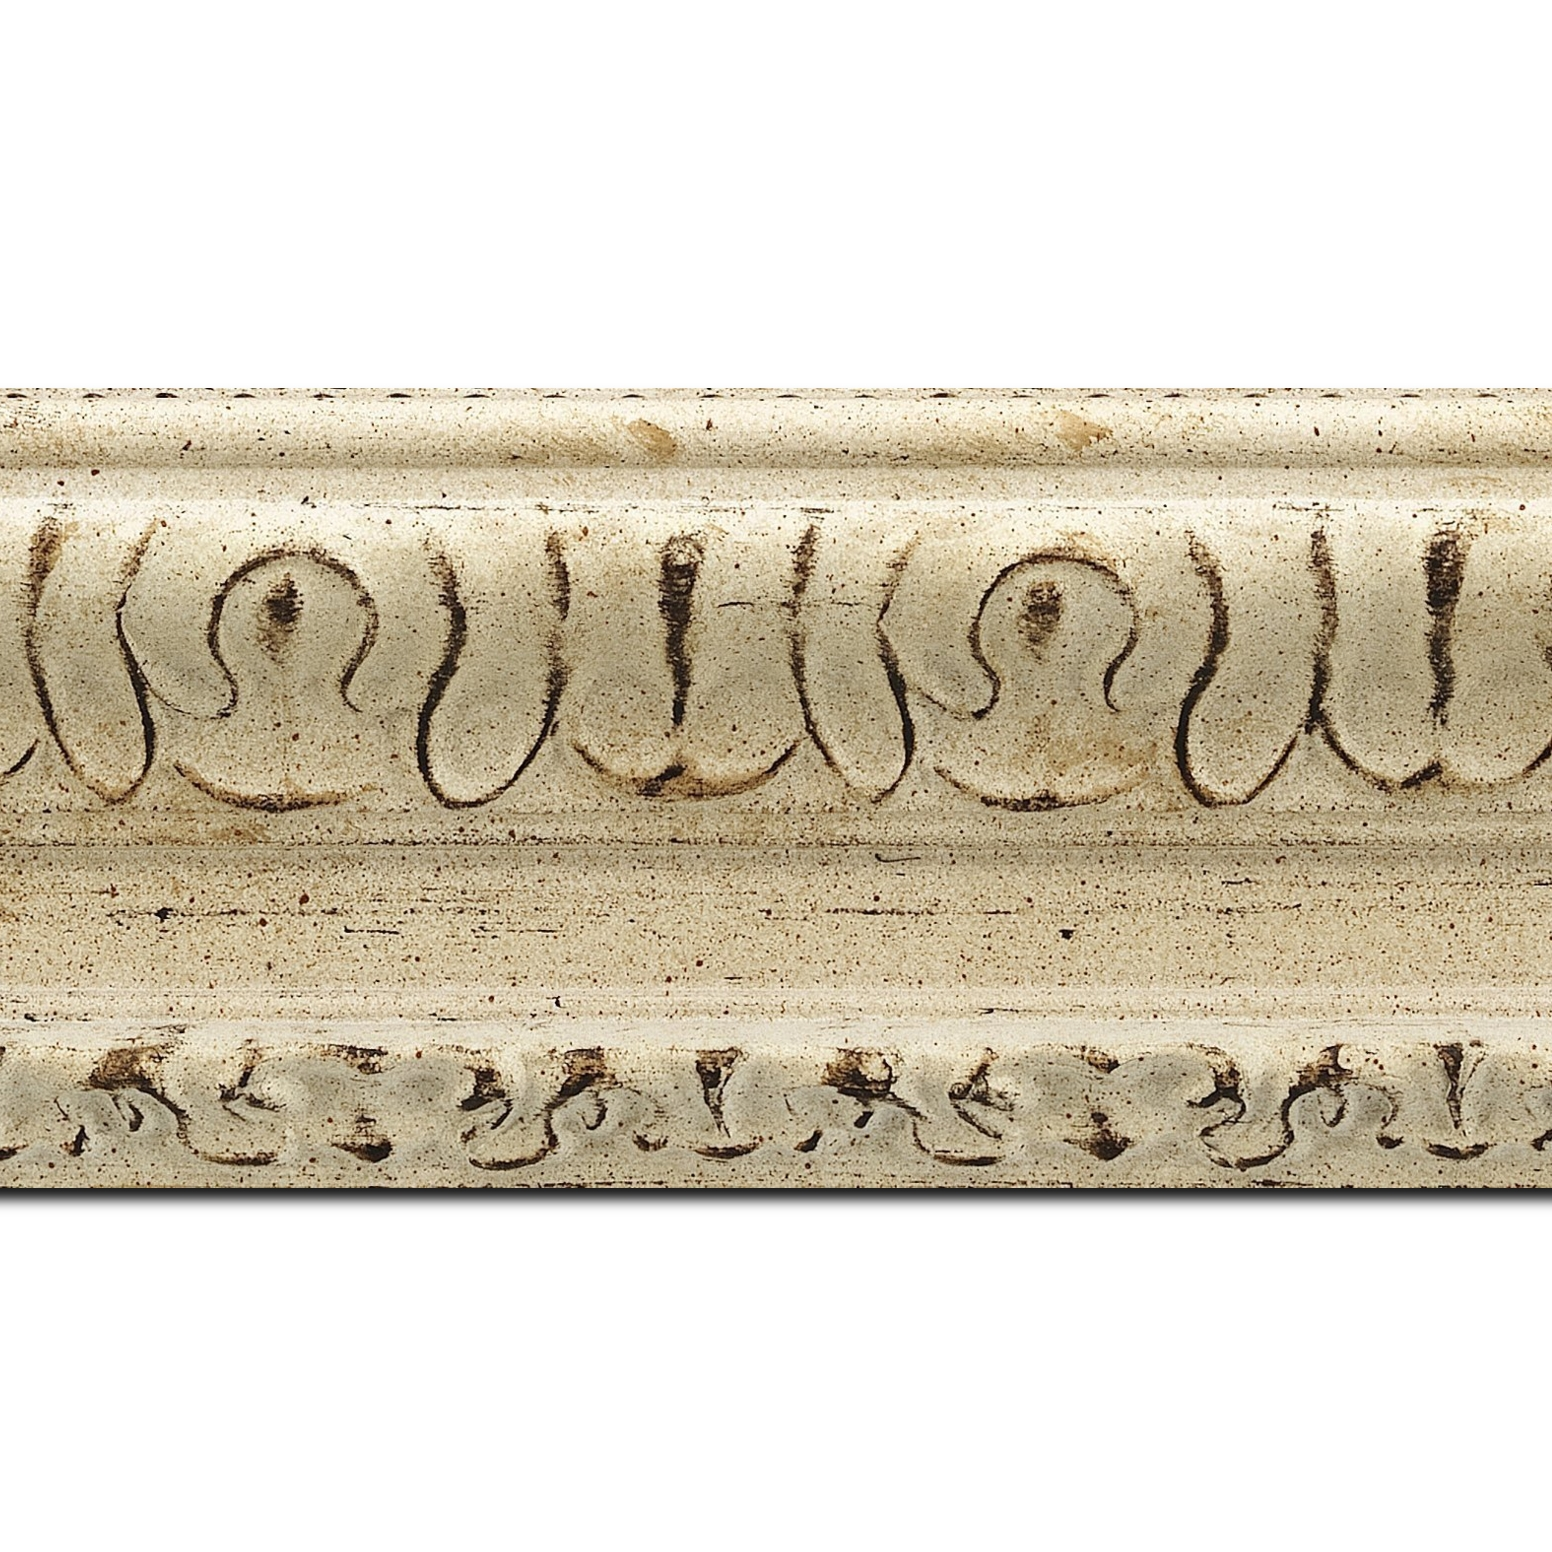 Baguette longueur 1.40m bois profil incurvé largeur 8cm blanchie finition antiquaire